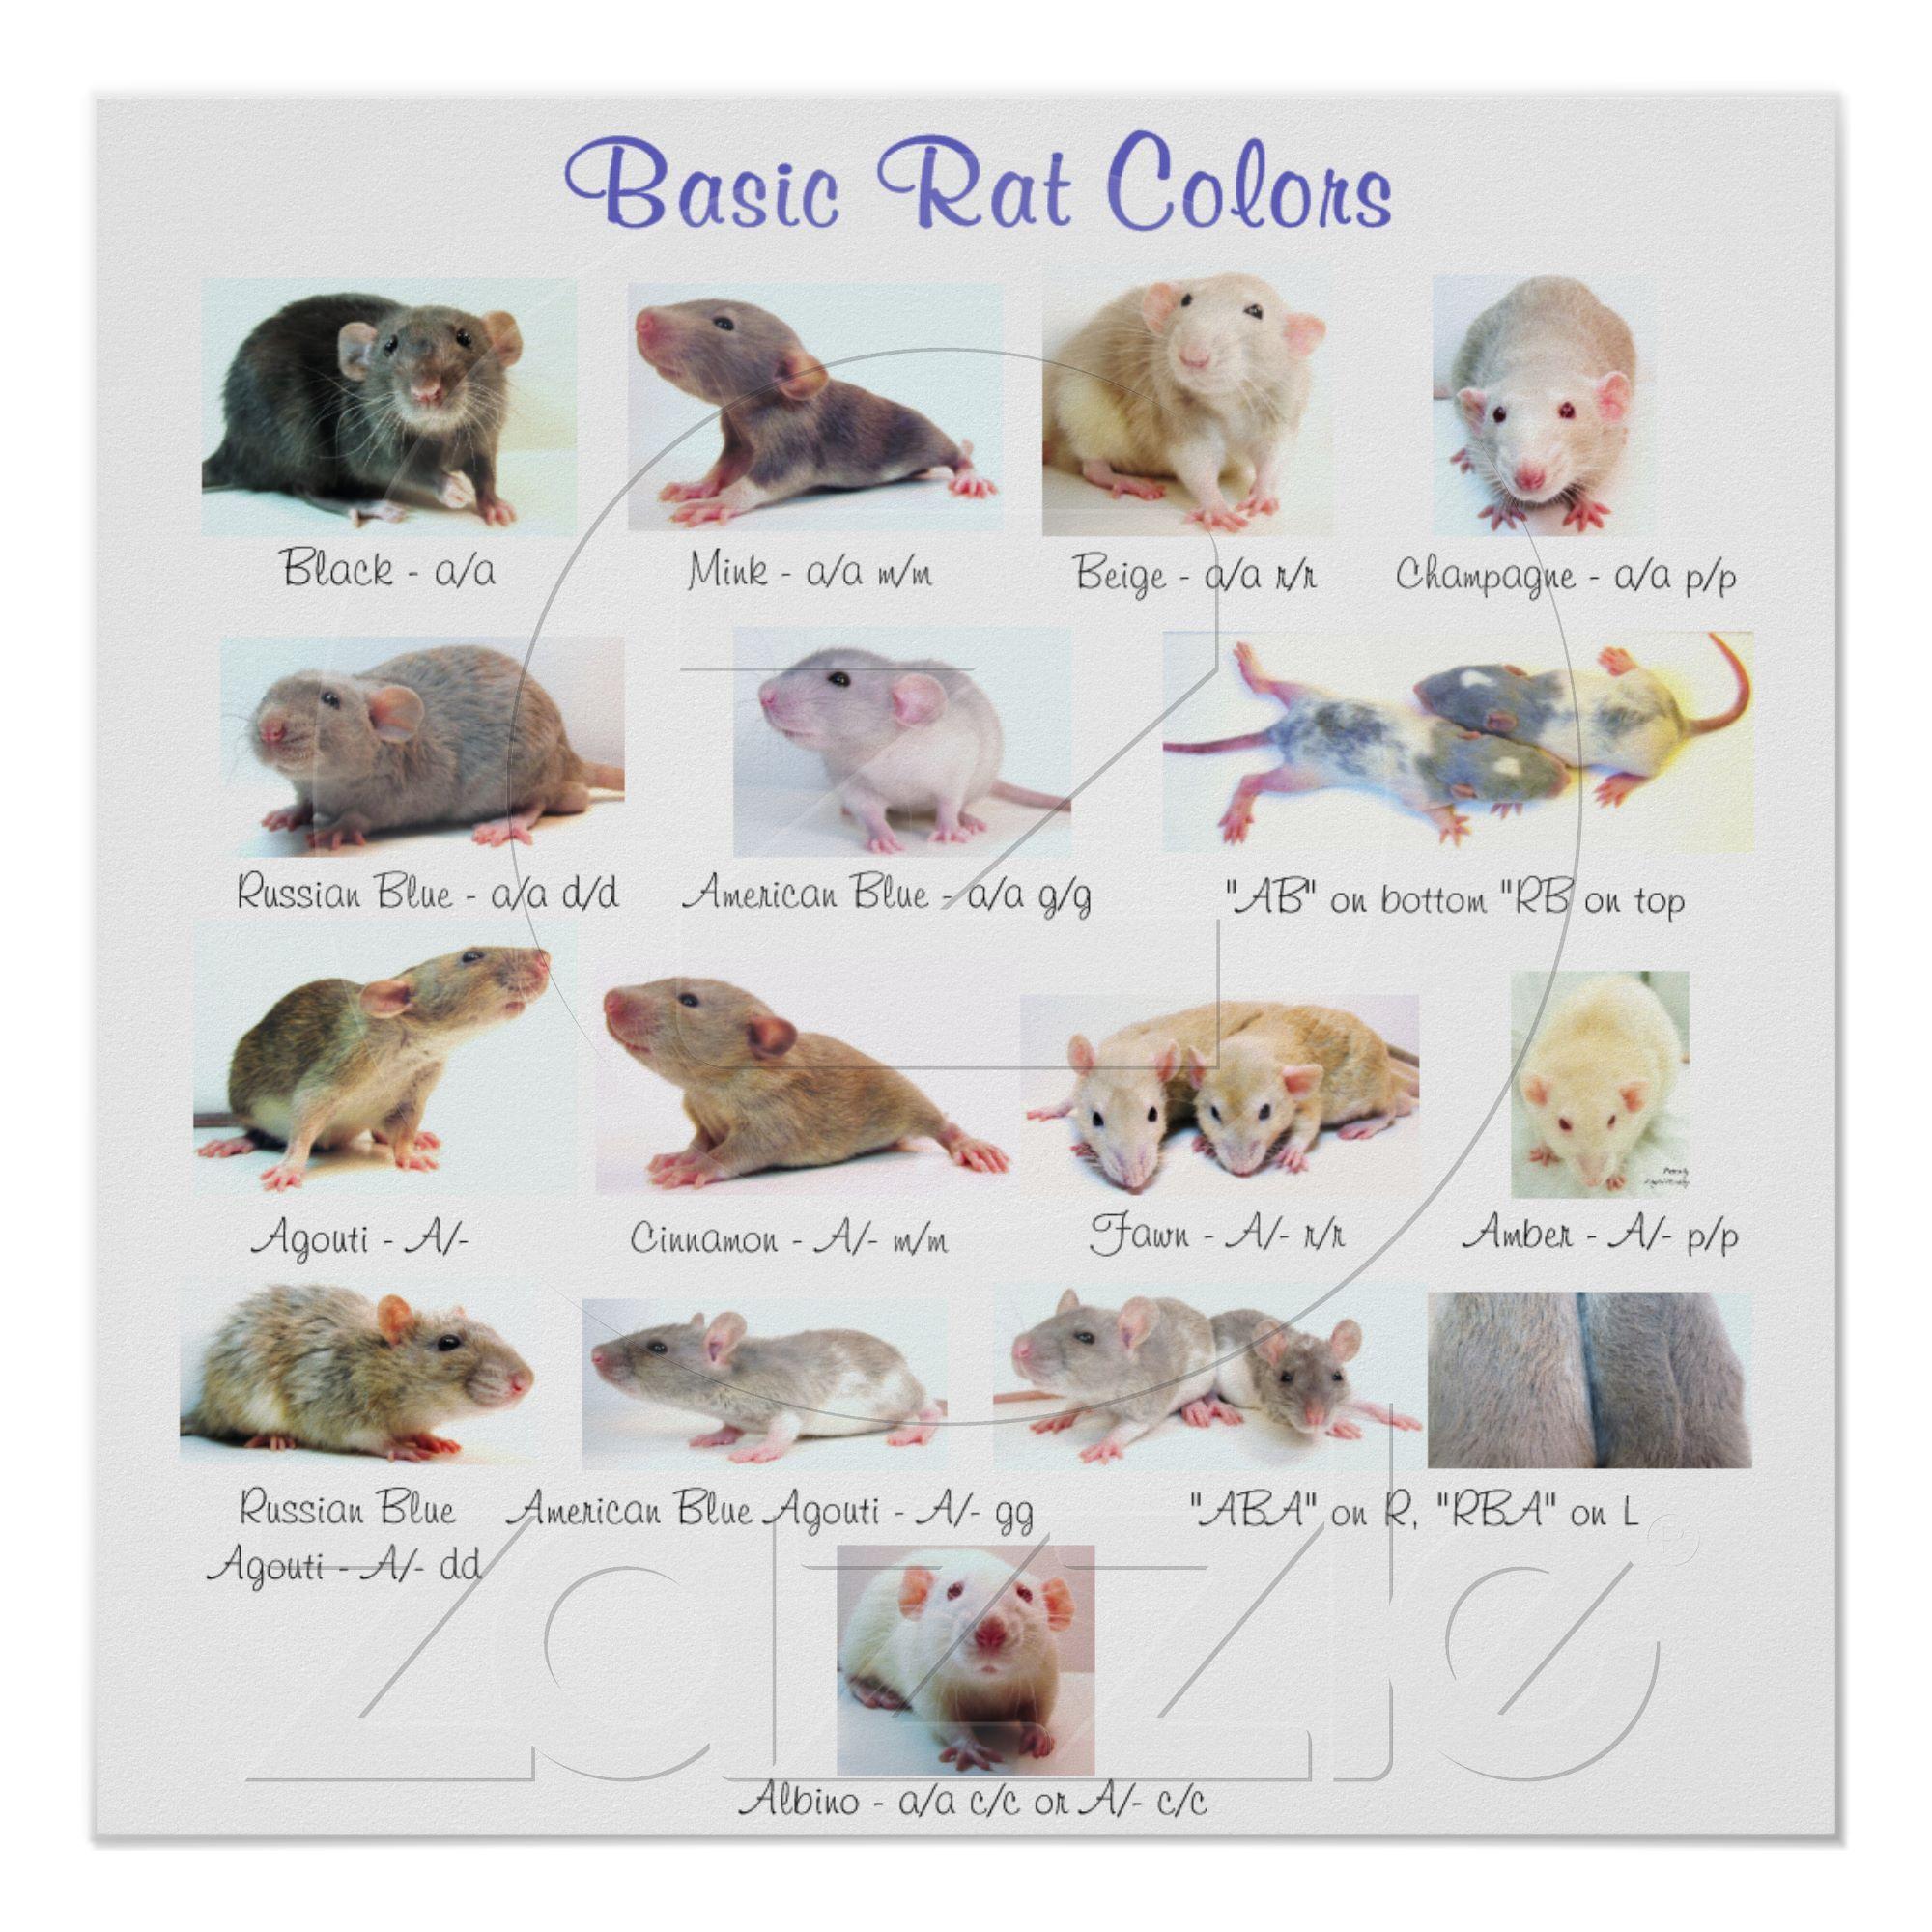 Basic Rat Colors Poster | Zazzle.com | Pet rats, Baby rats, Cute rats